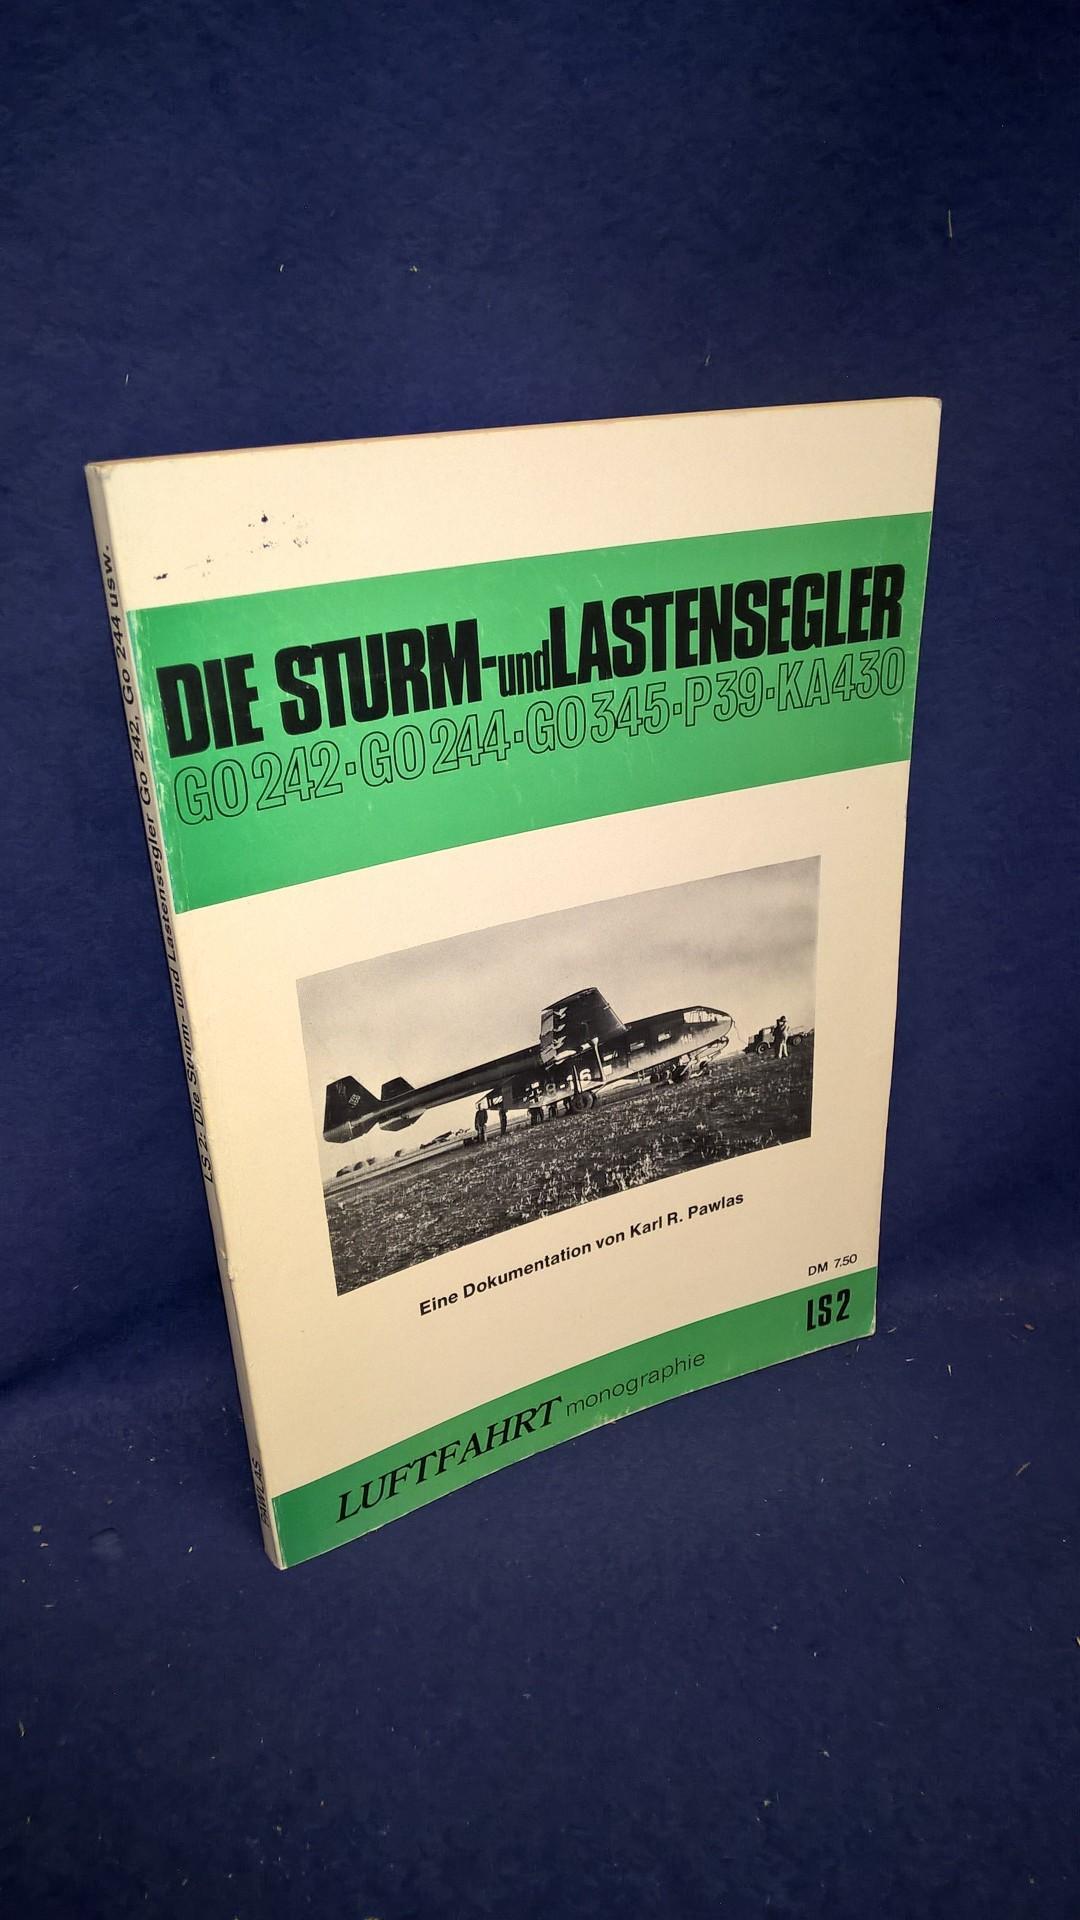 Die Sturm- und Lastensegler Go 242 / Go 244 / Go 345 / P 39 / Ka 430. Eine Dokumentation.